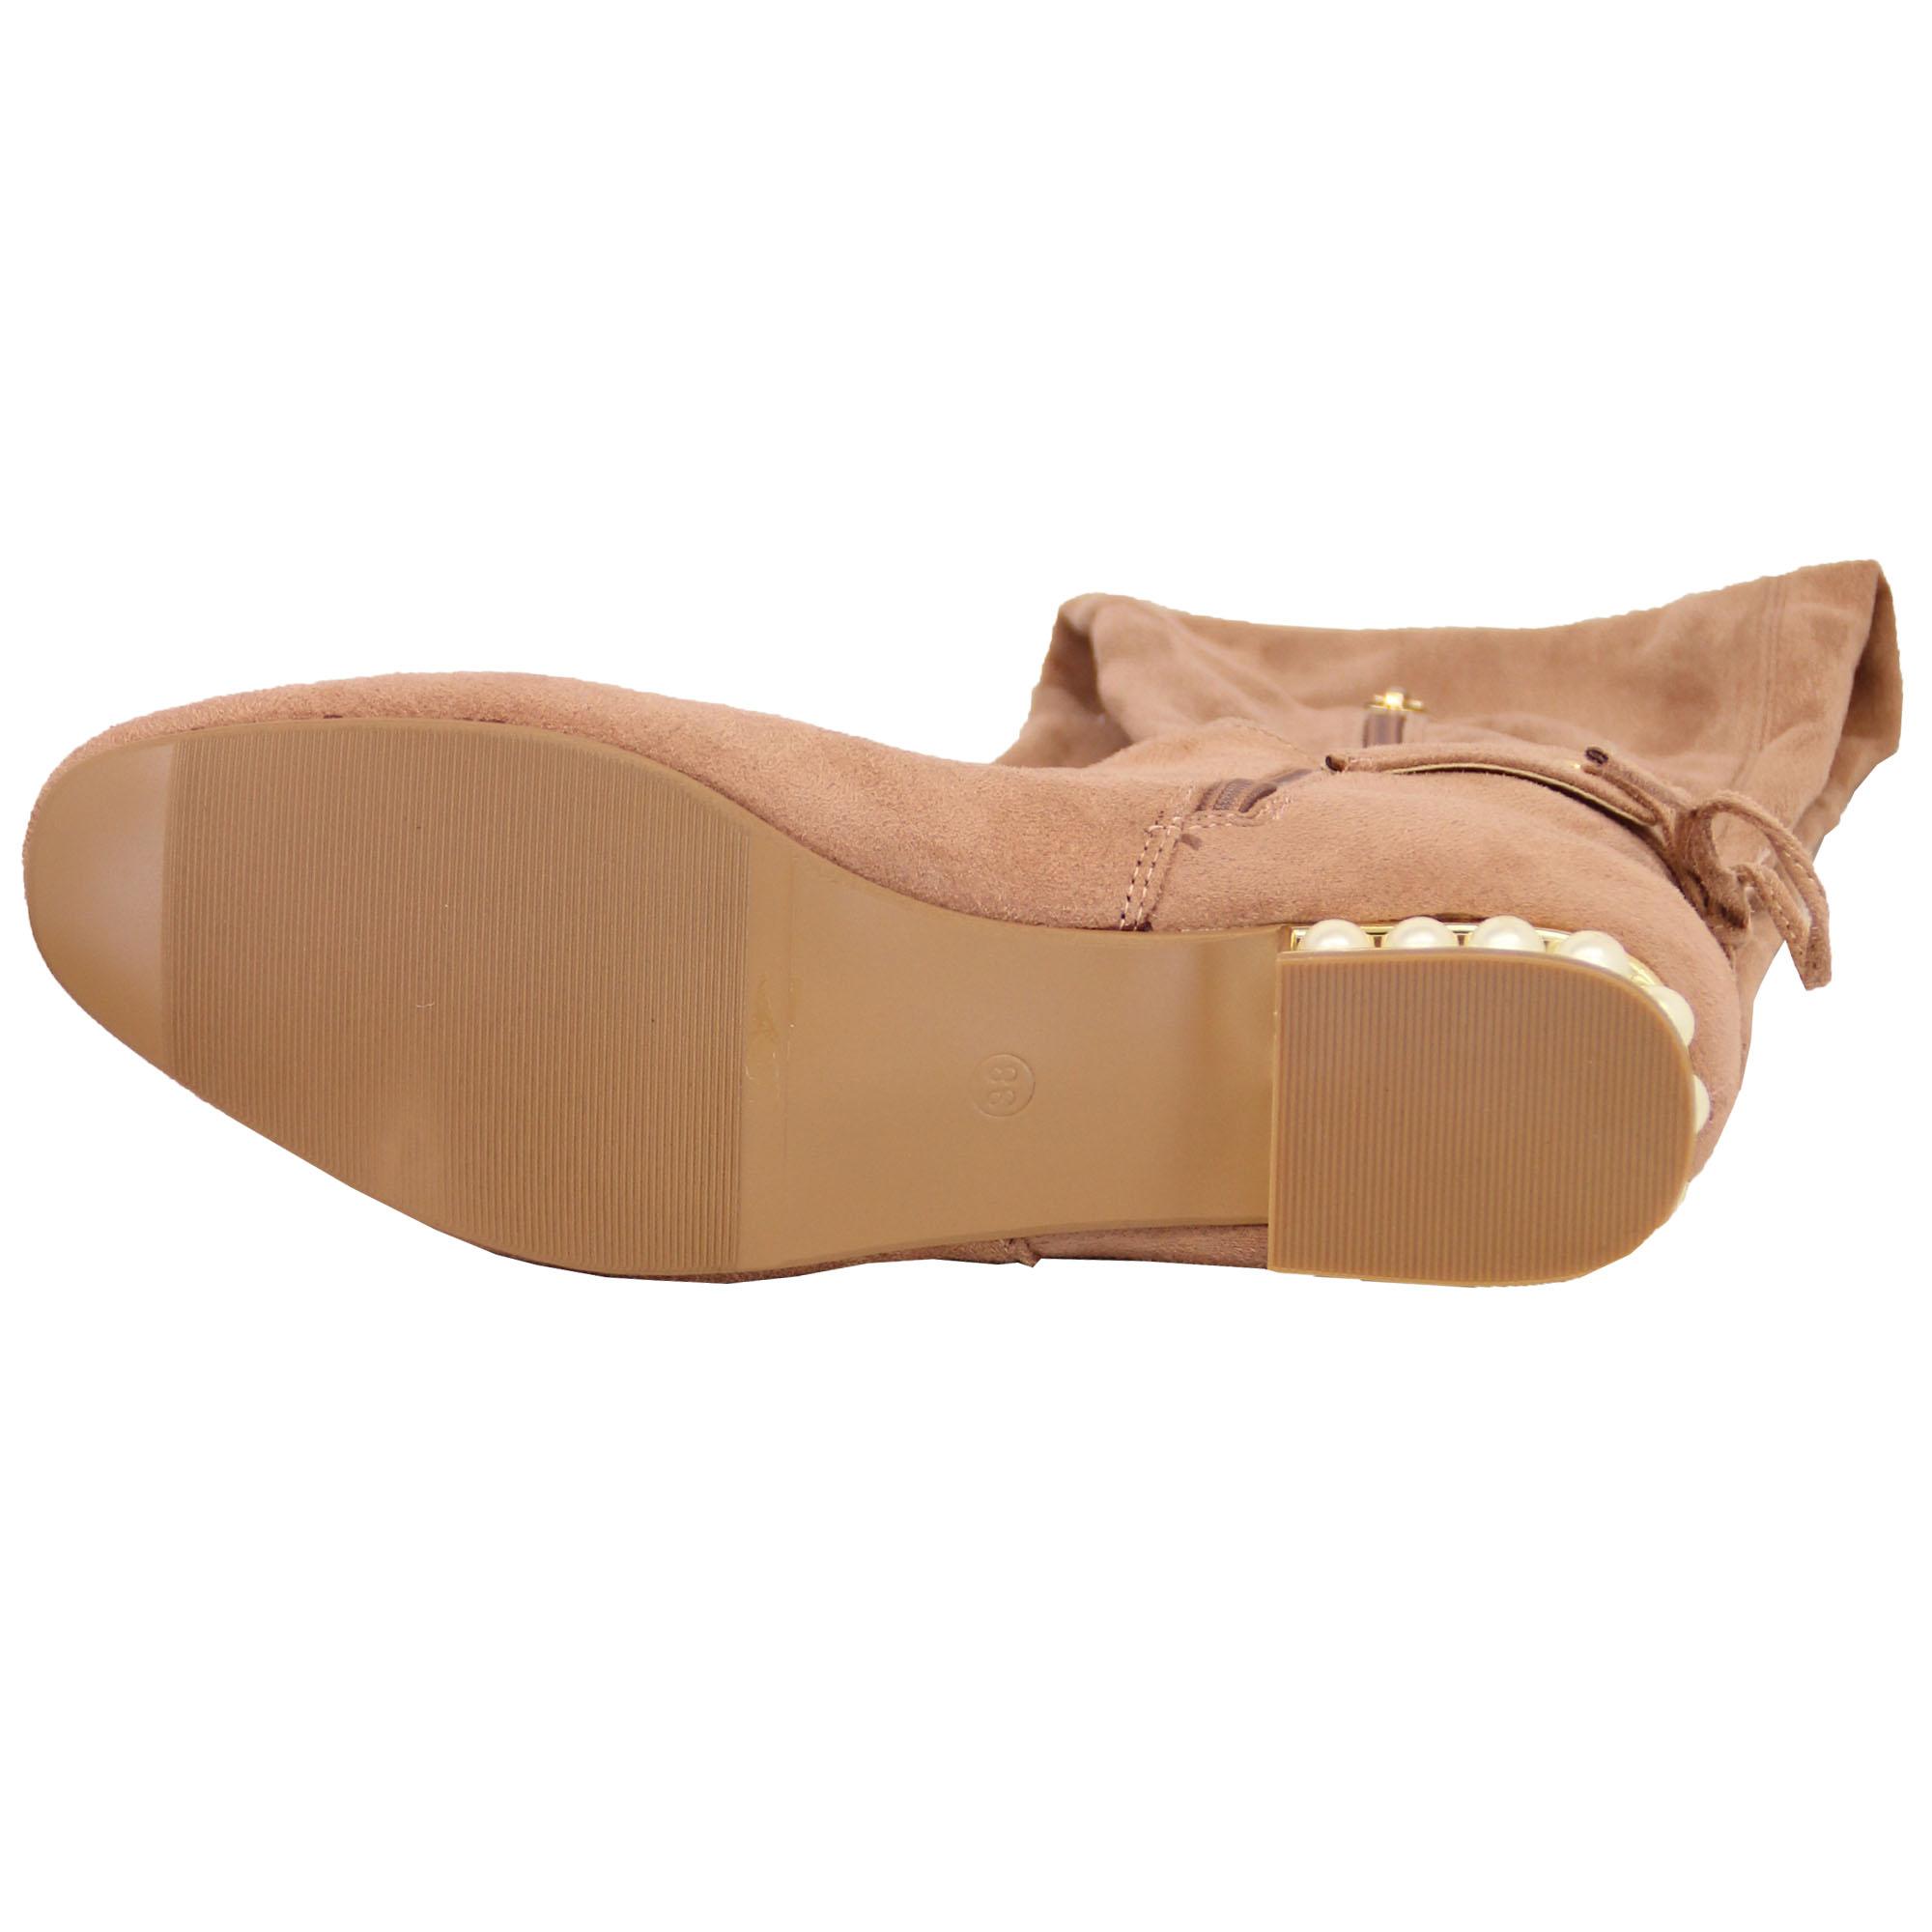 BOTAS-MUJER-Para-Dama-largas-Sobre-Rodilla-Zapatos-look-ante